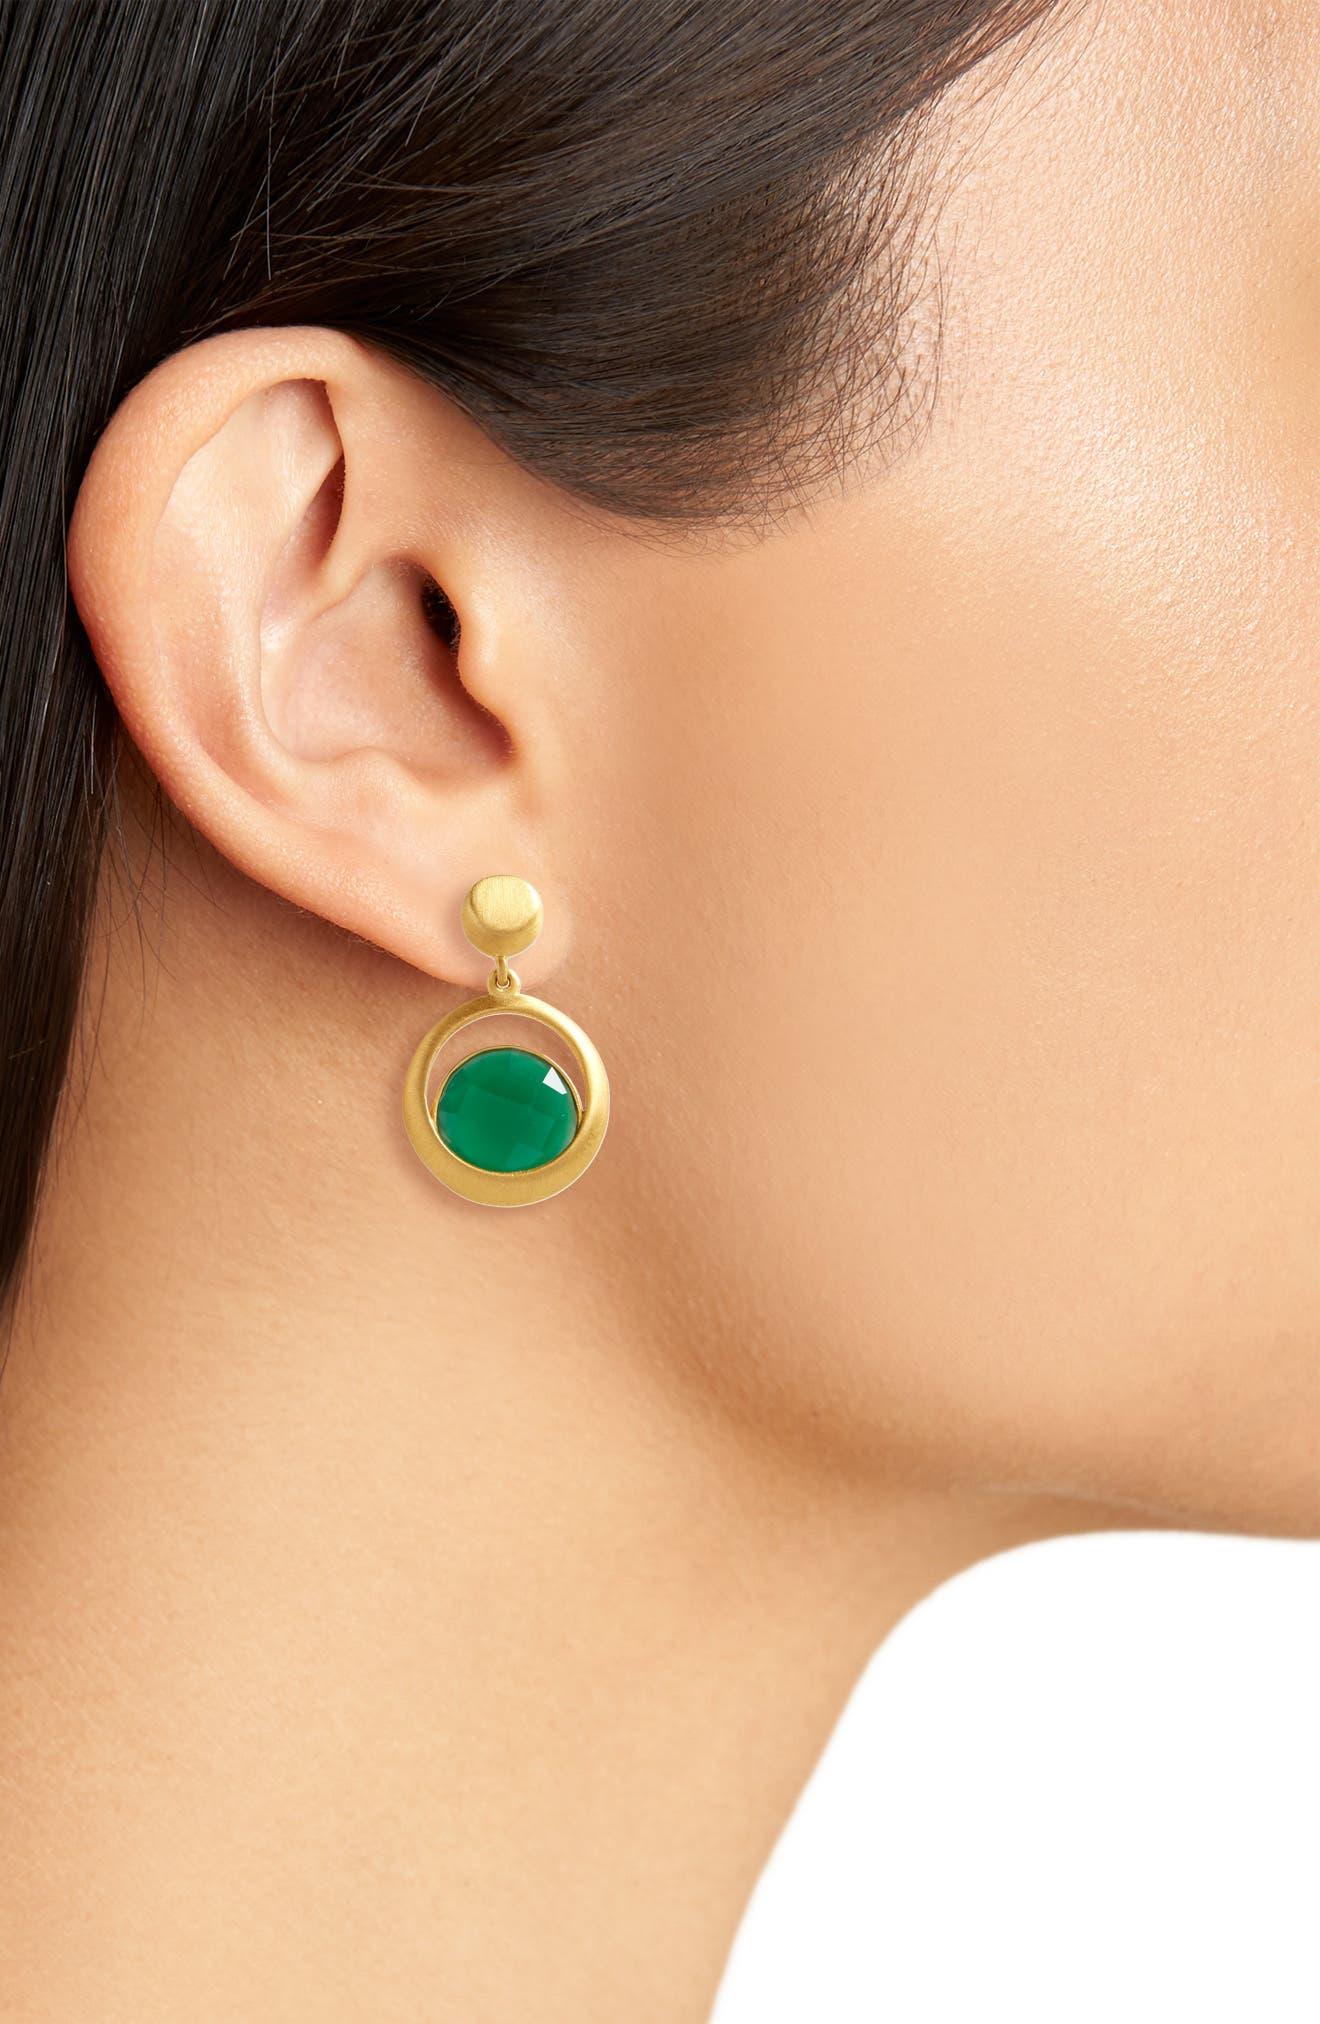 Lapa Semiprecious Stone Drop Earrings,                             Alternate thumbnail 5, color,